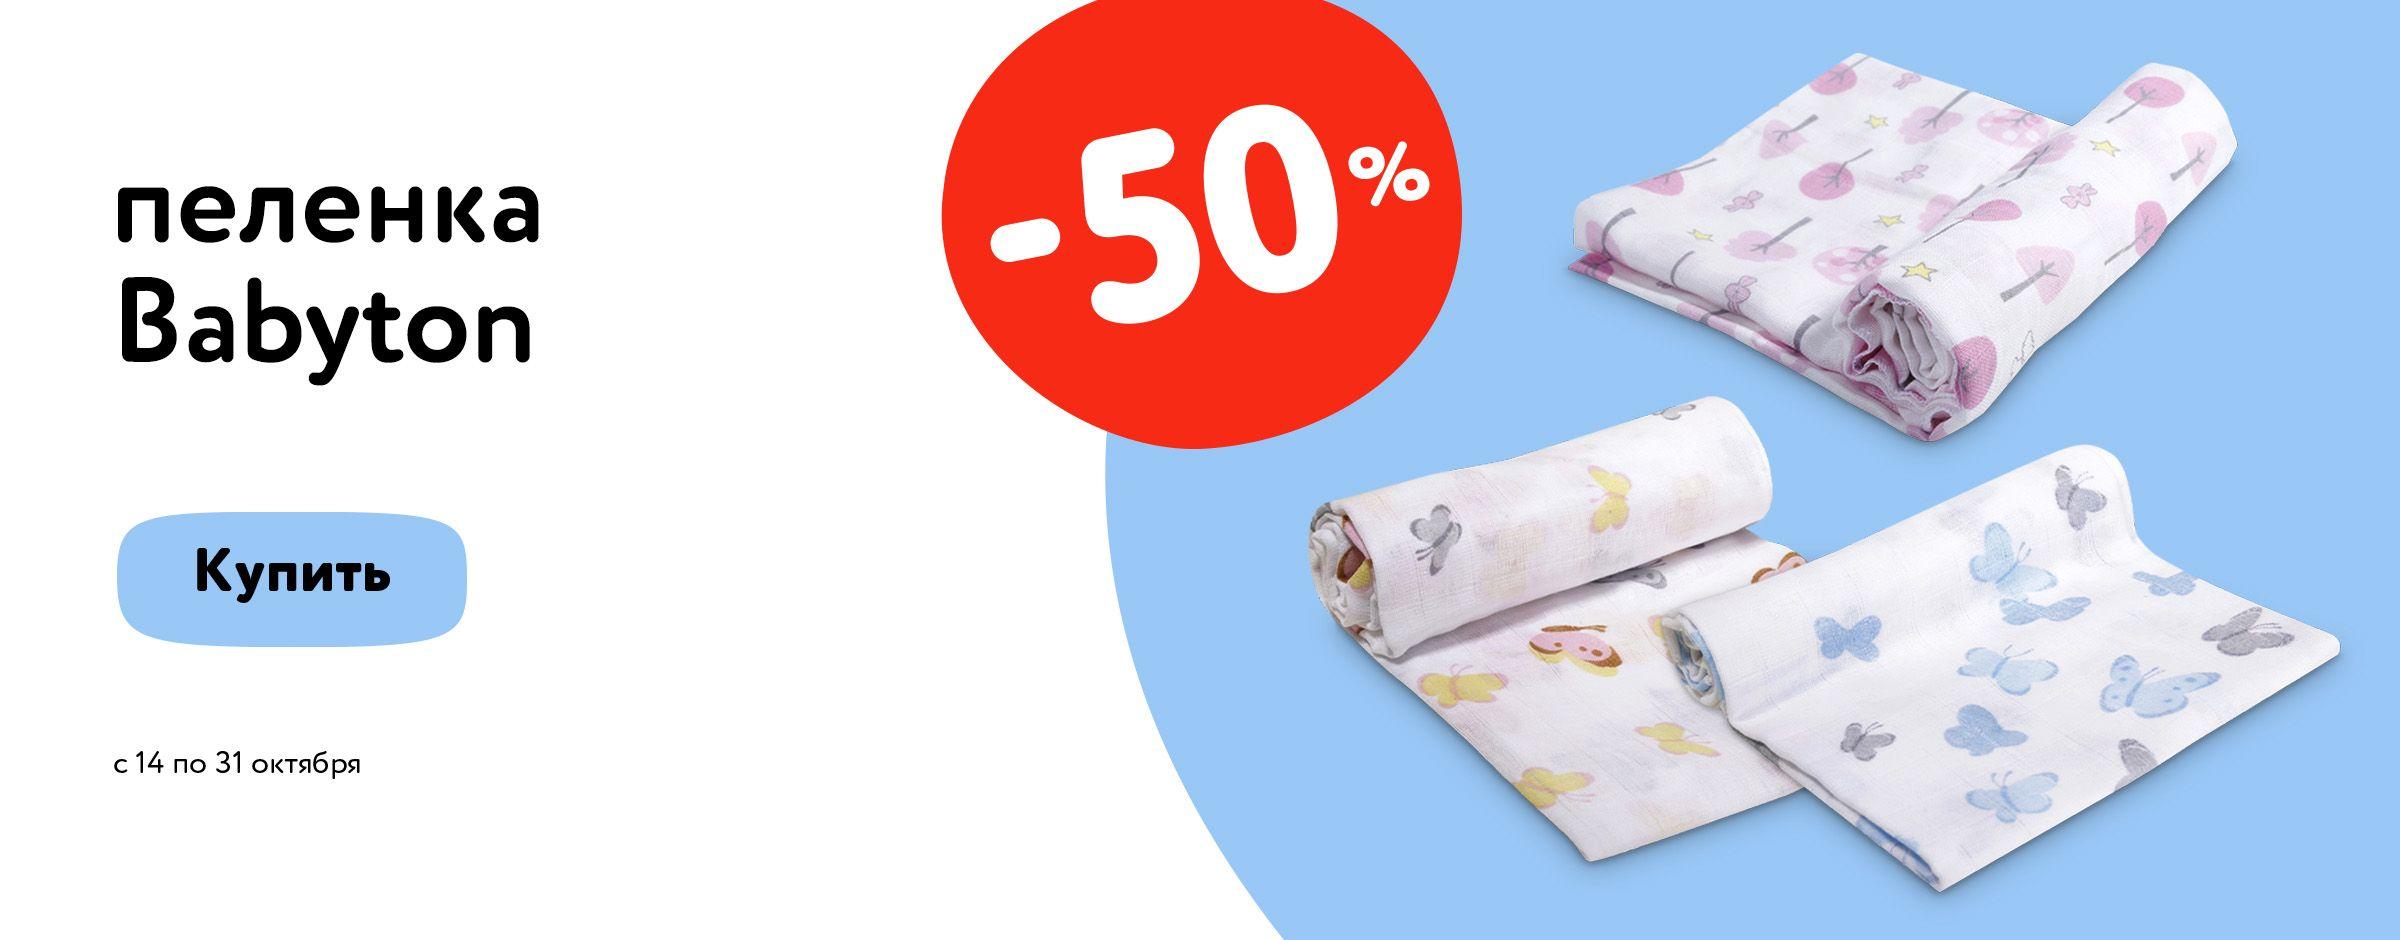 -50% на пеленки Babyton карусель+категории